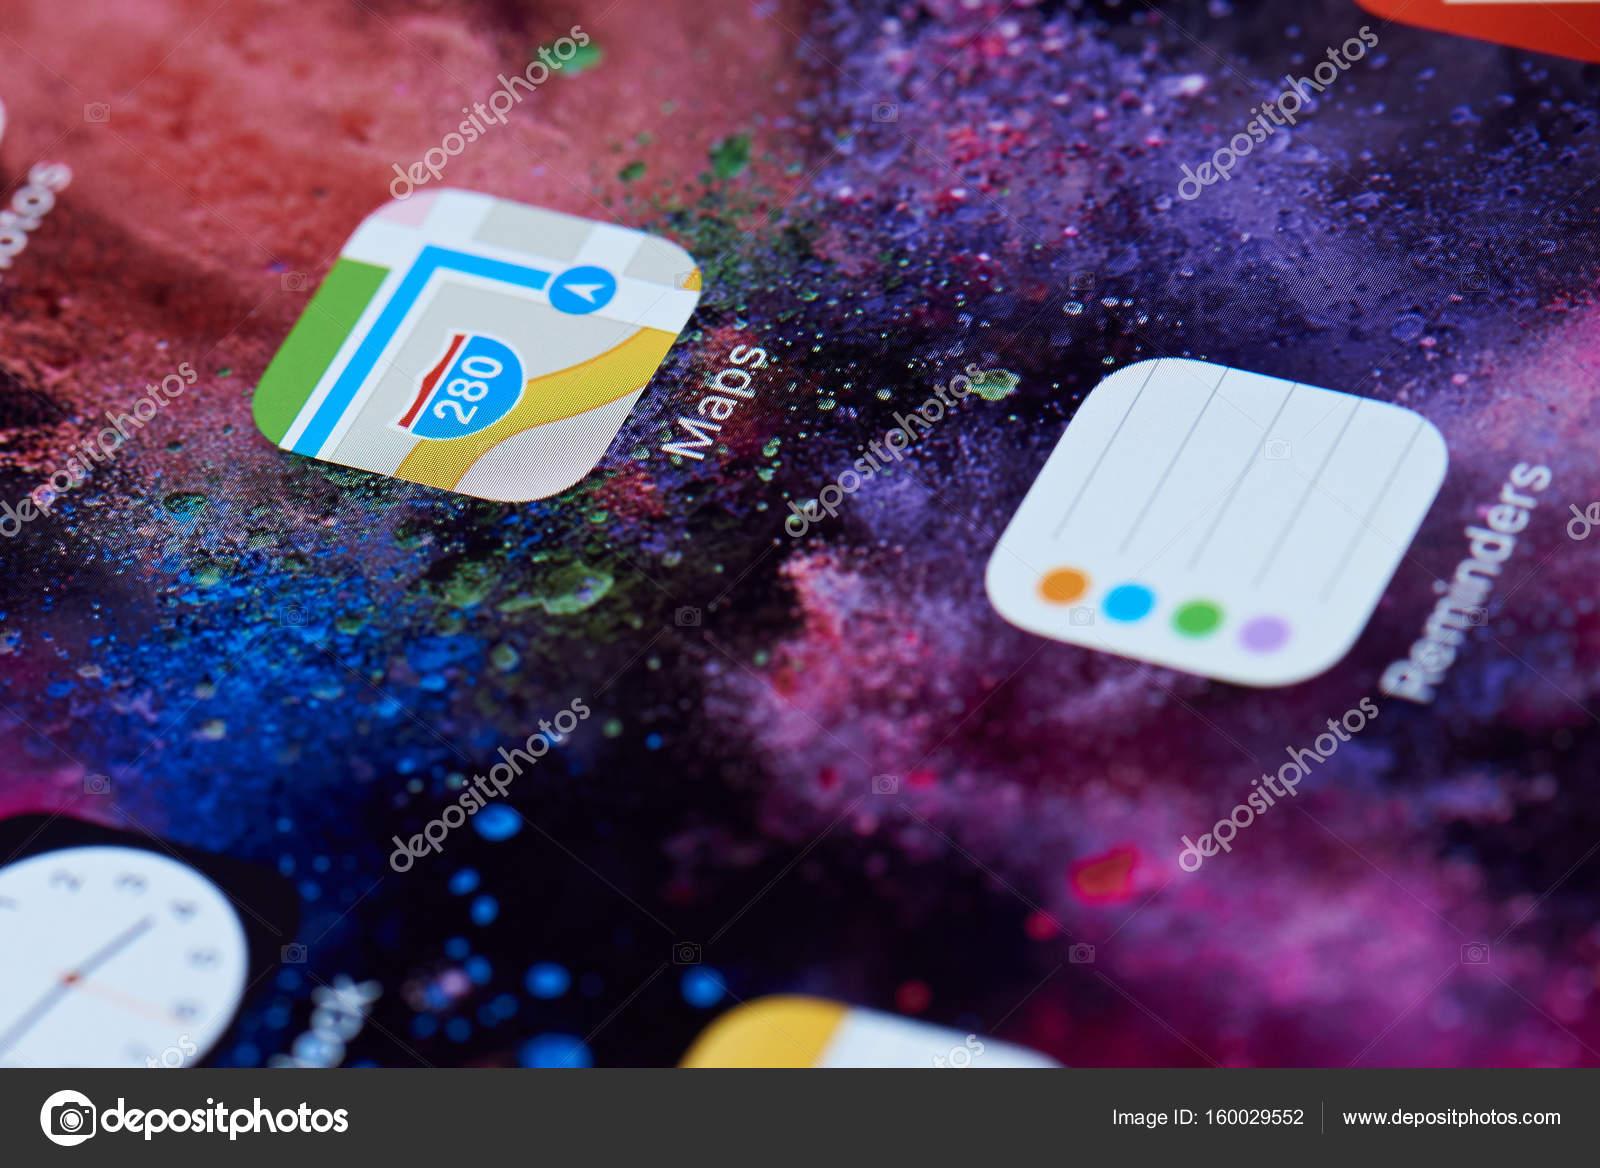 Скачать карты для майнкрафта прятки apk бесплатно развлечения.